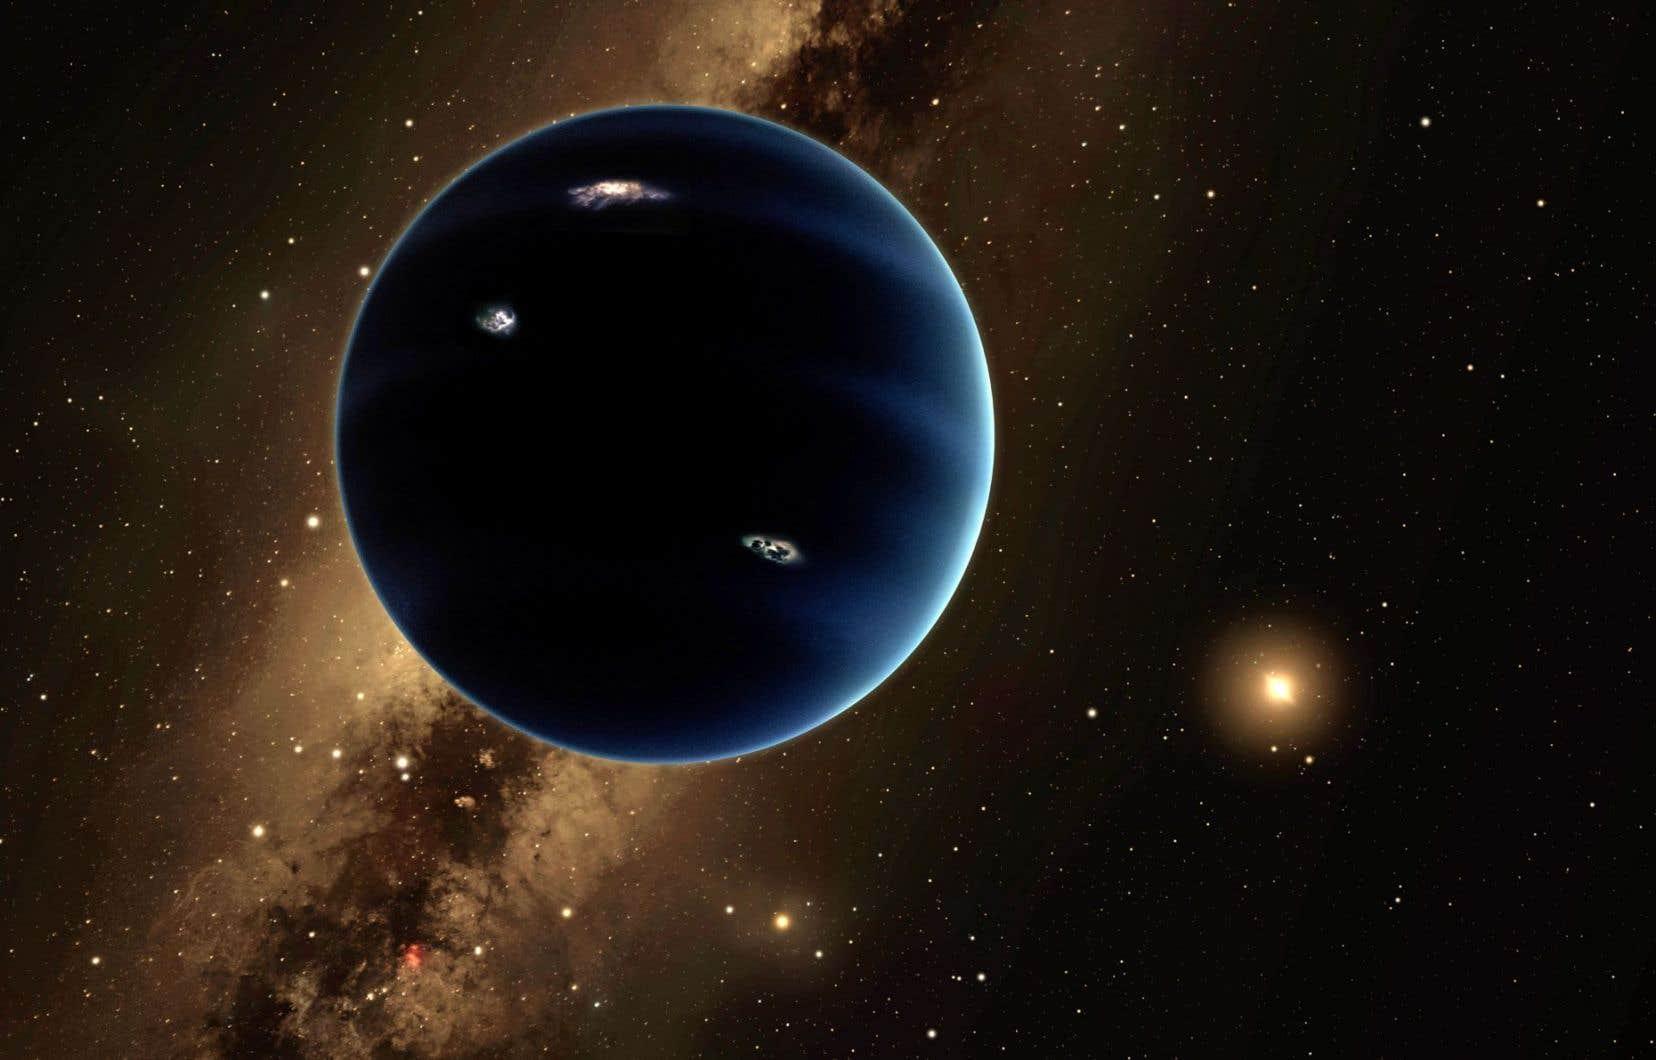 Cette illustration artistique montre ce qui serait la 9eplanète du système solaire — une planète gazeuse, similaire à Uranus et Neptune.